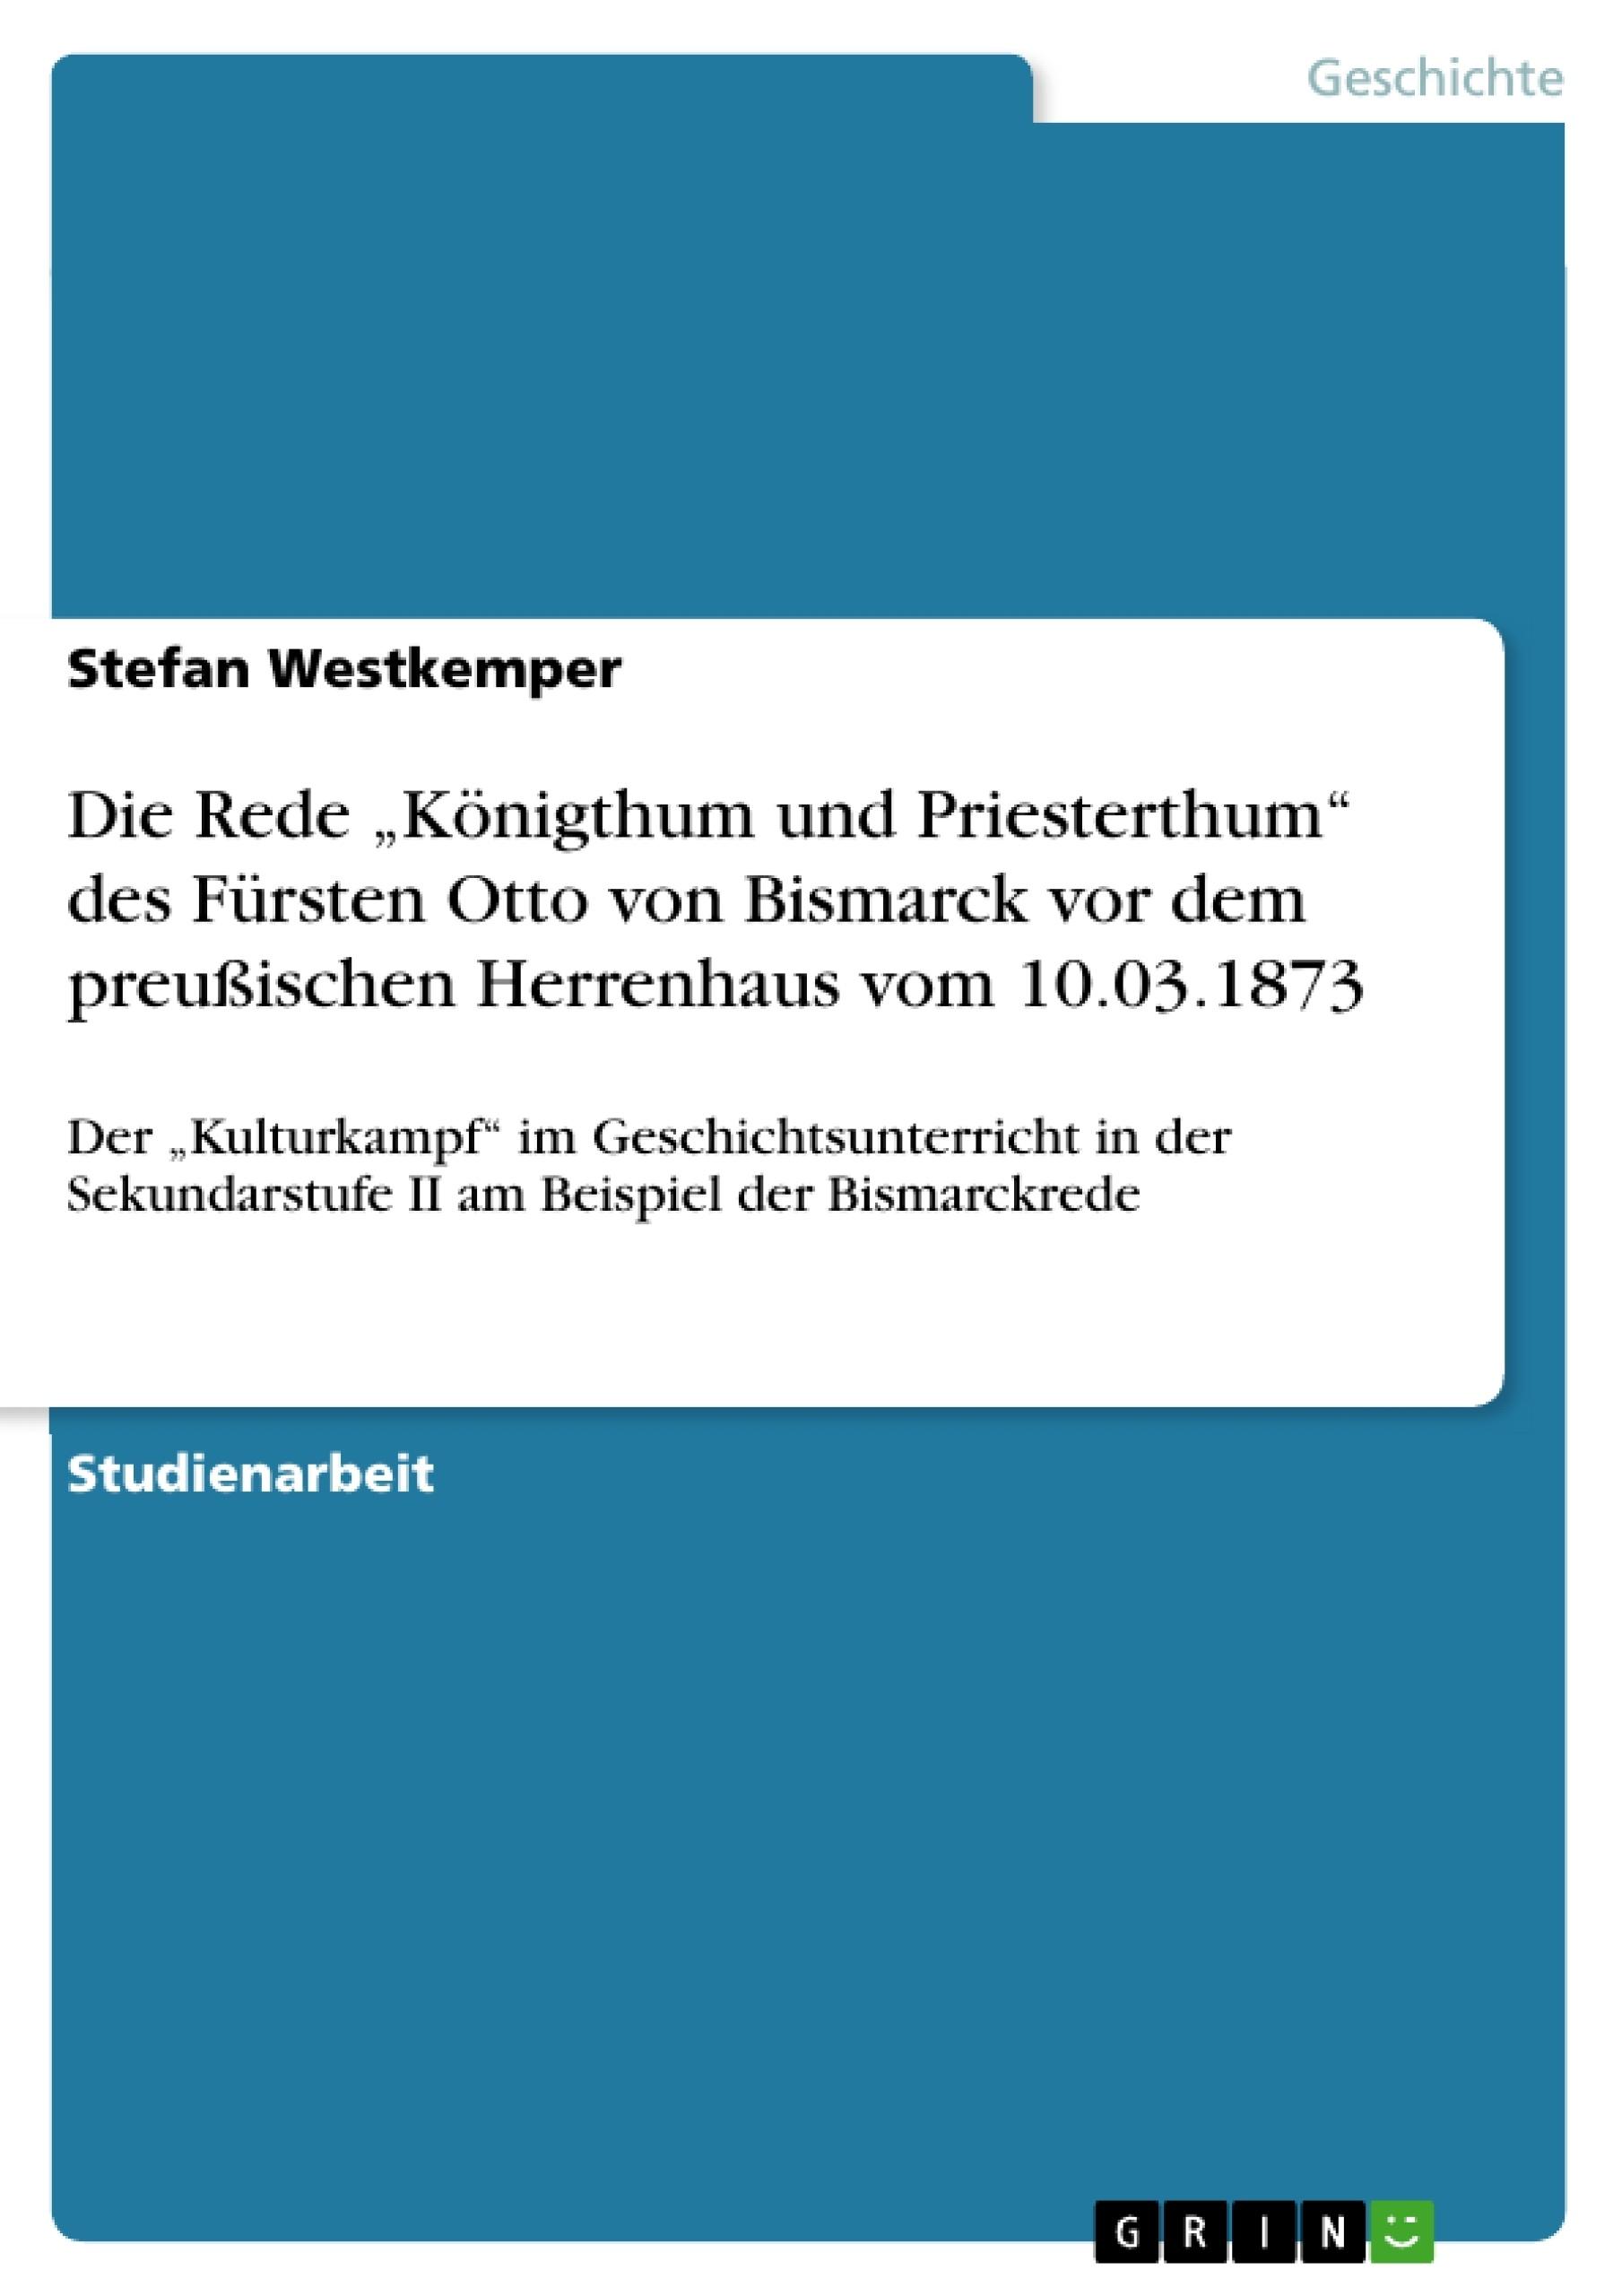 """Titel: Die Rede """"Königthum und Priesterthum"""" des Fürsten Otto von Bismarck vor dem  preußischen Herrenhaus vom 10.03.1873"""